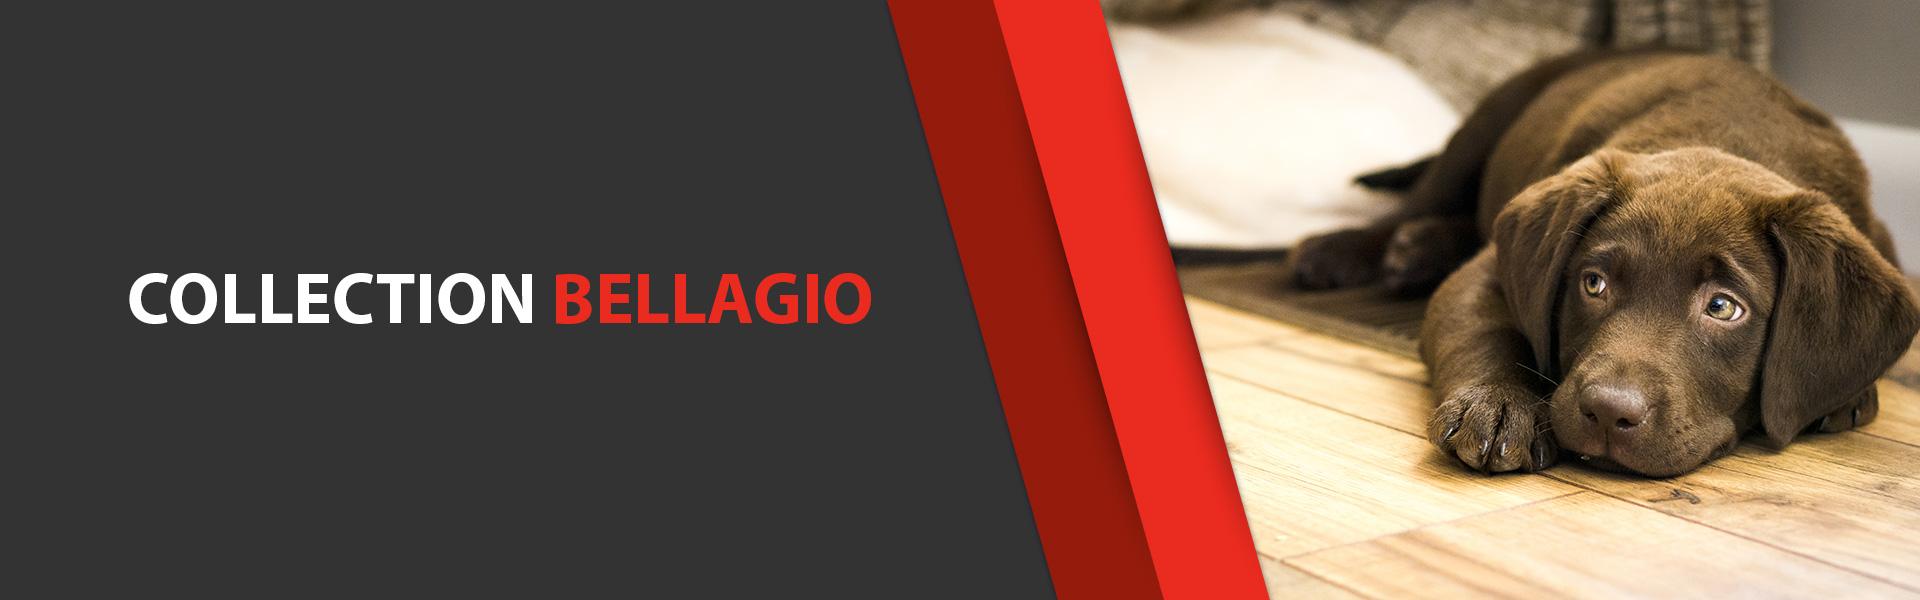 Plancher Sélect Plancher flottant Collection Bellagio